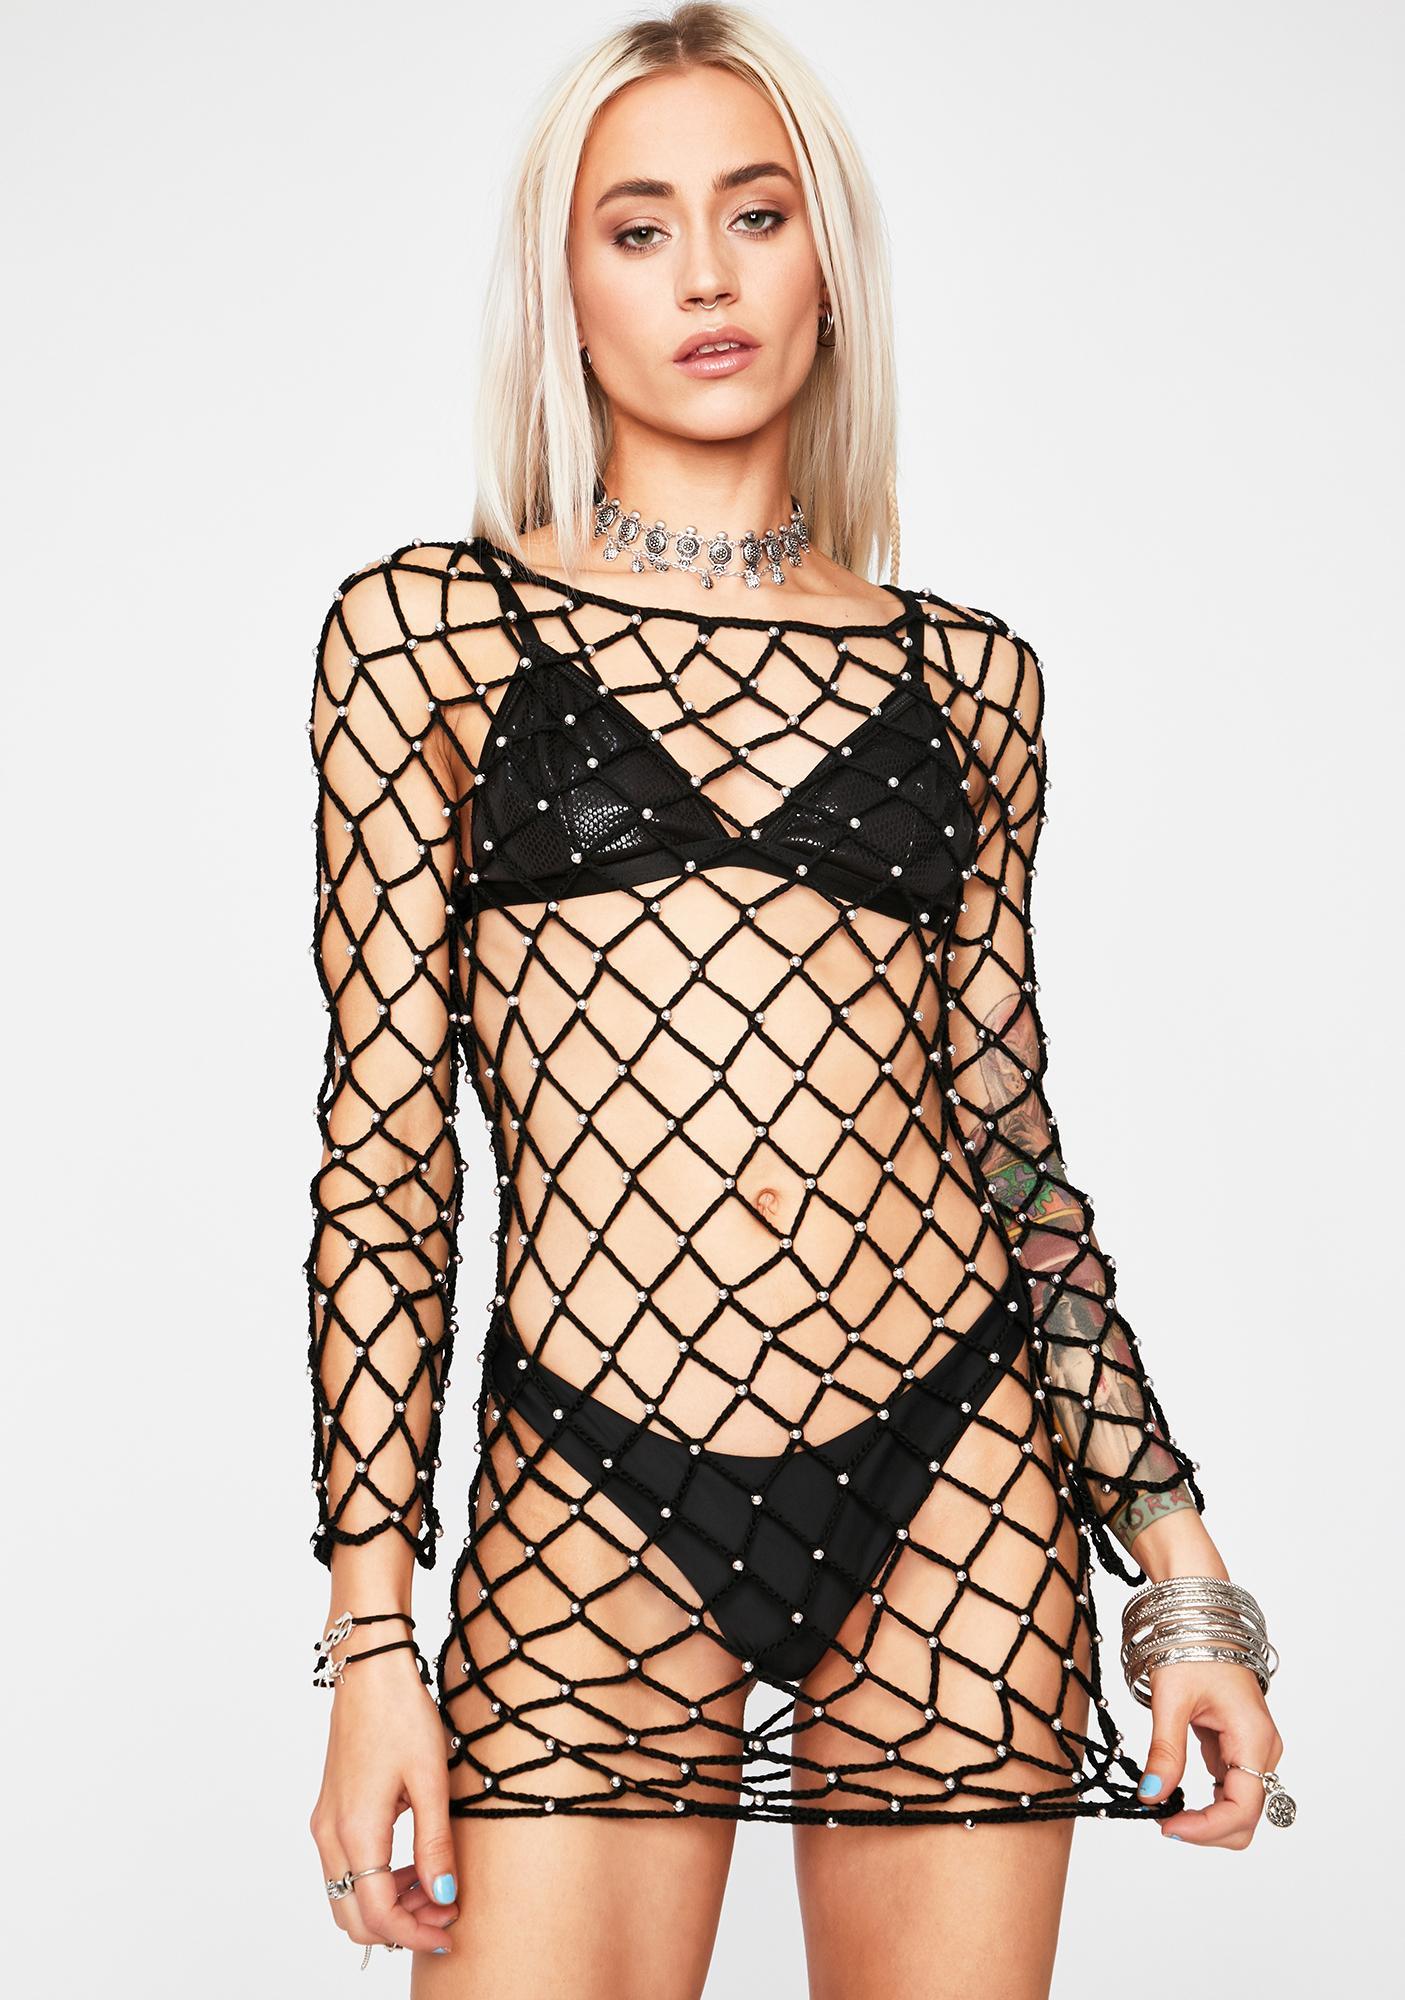 Desert Drifter Fishnet Dress